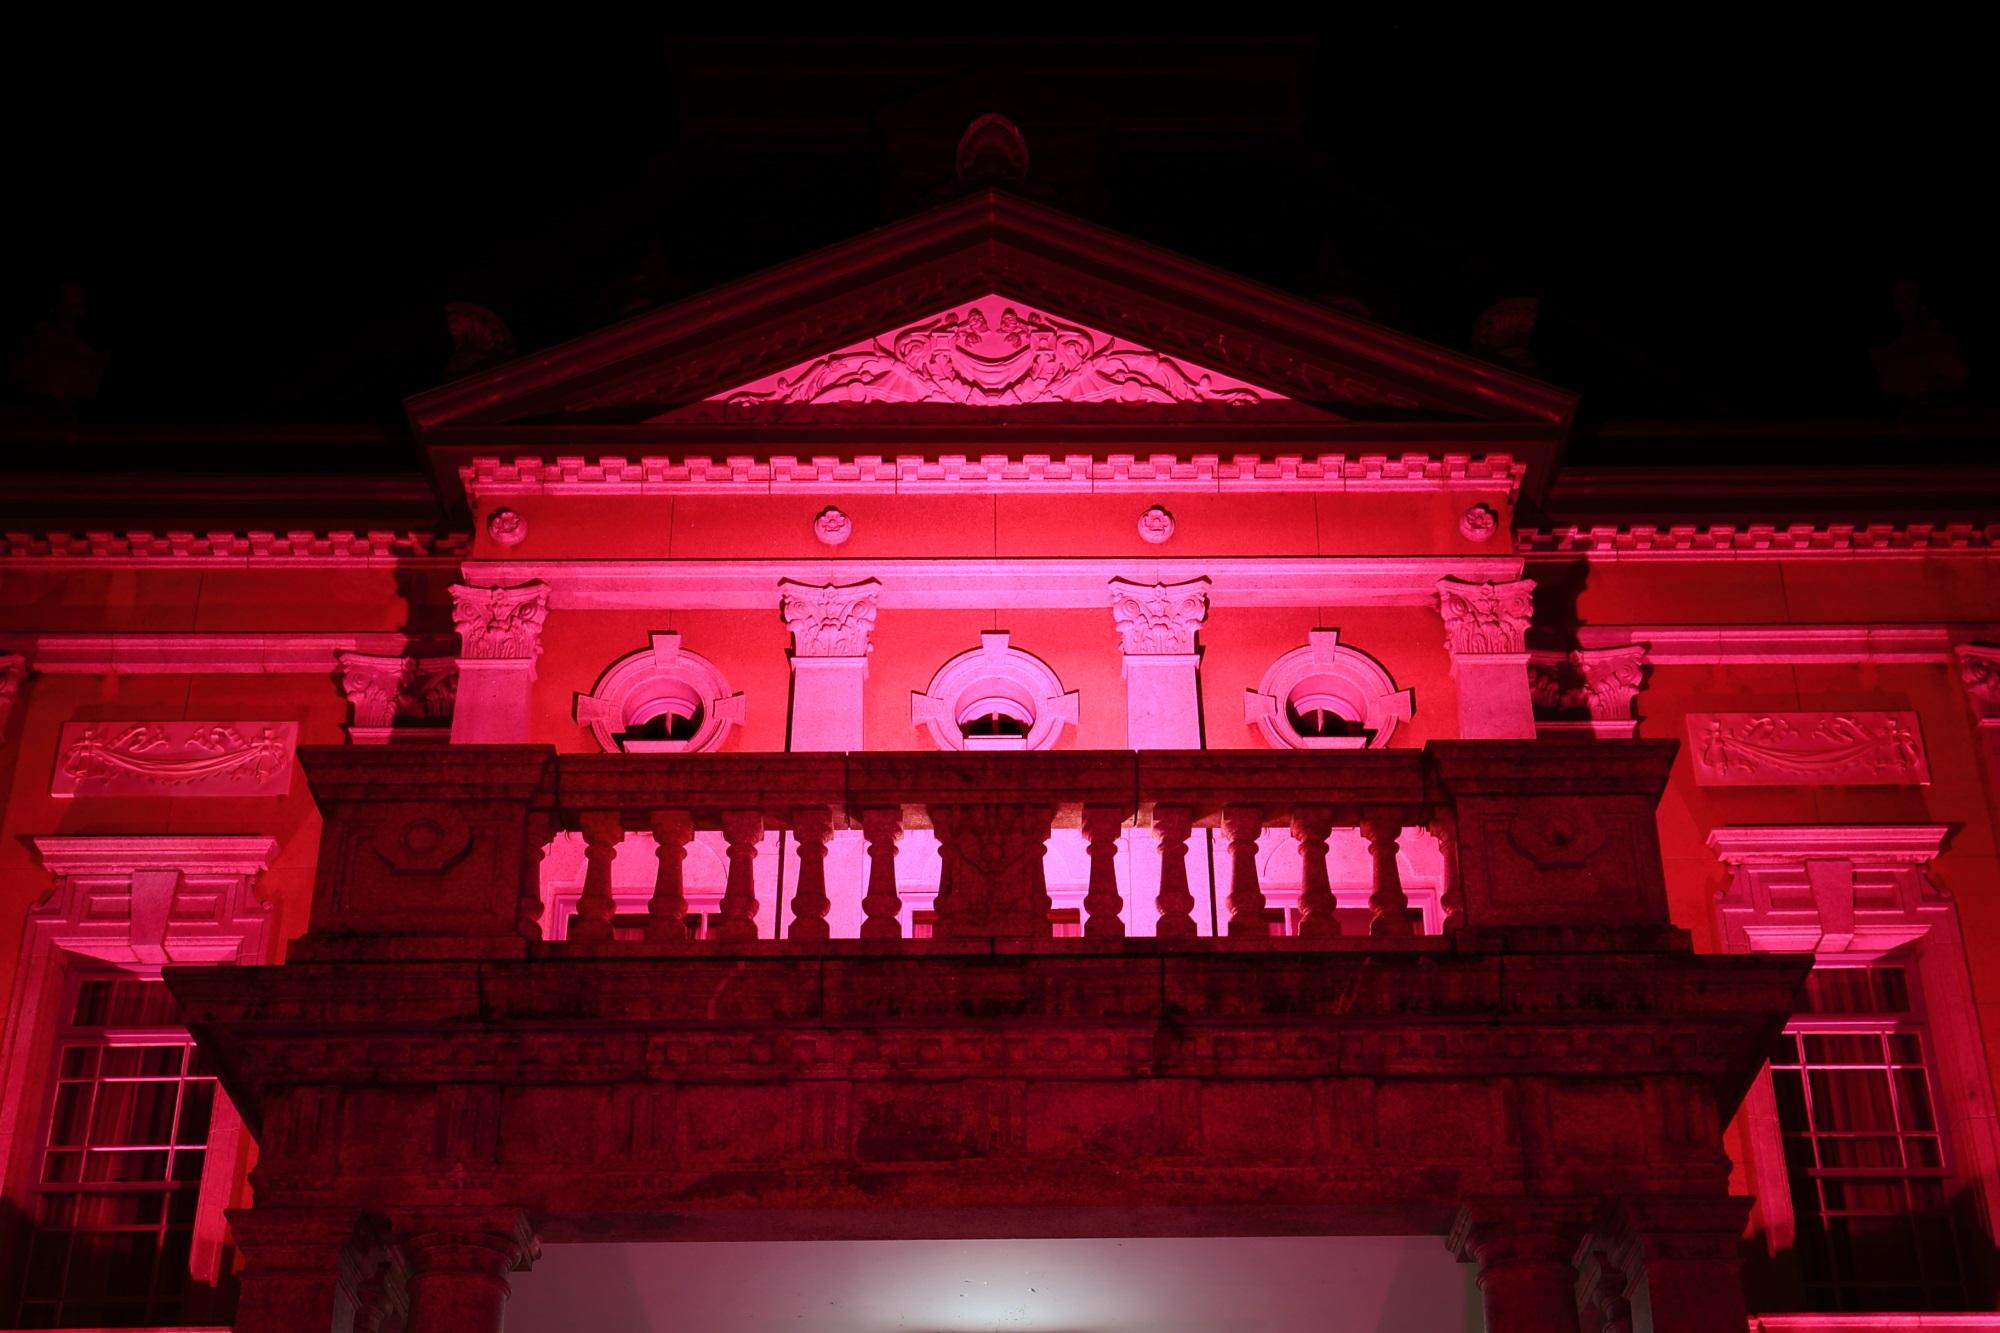 ピンクリボンライトアップの京都府庁旧本館